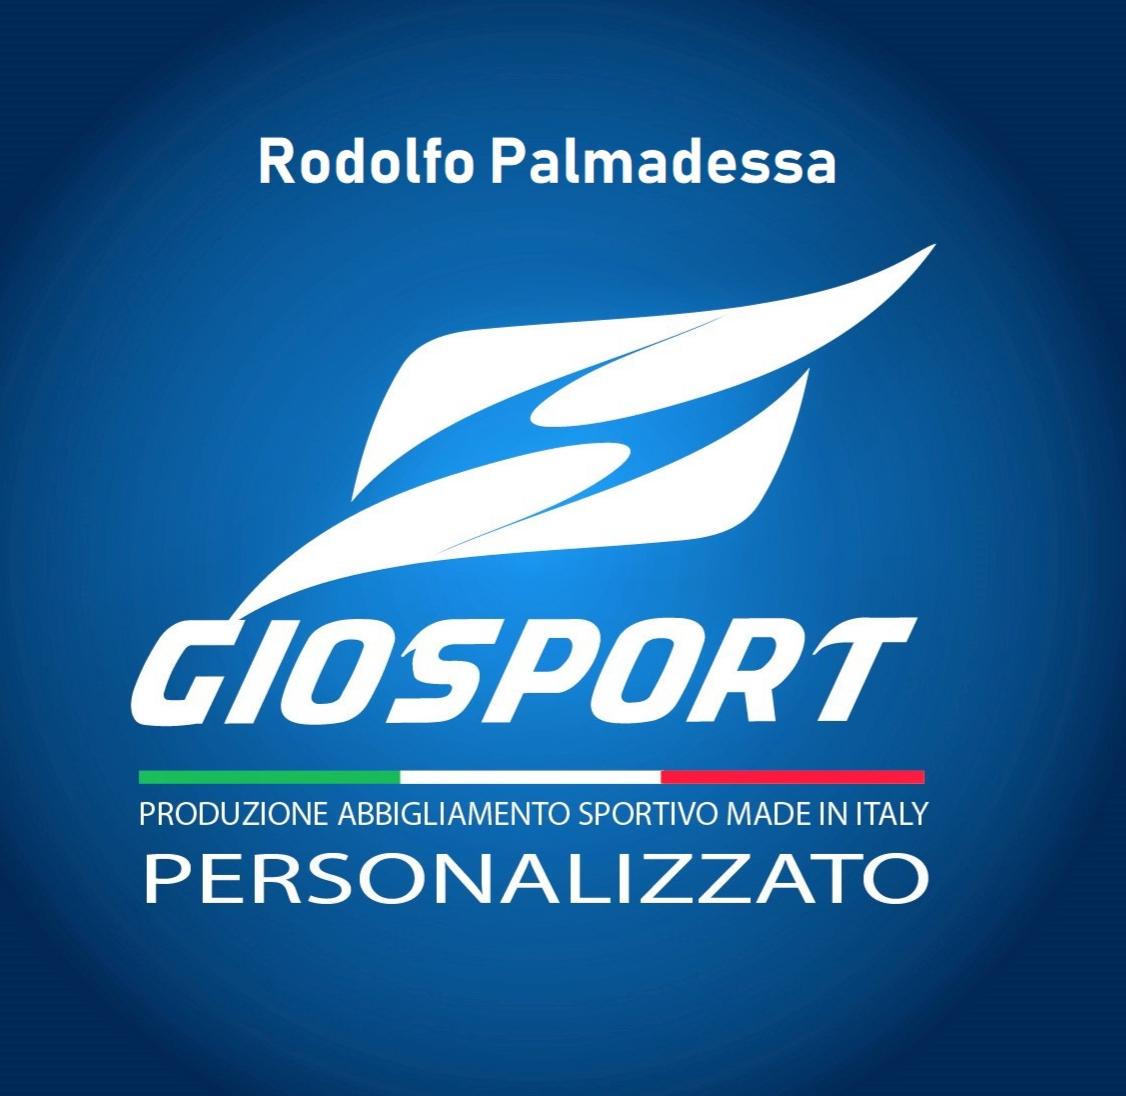 GIOSPORT Rodolfo Palmadessa - abbigliamento sportivo personalizzato made in italy